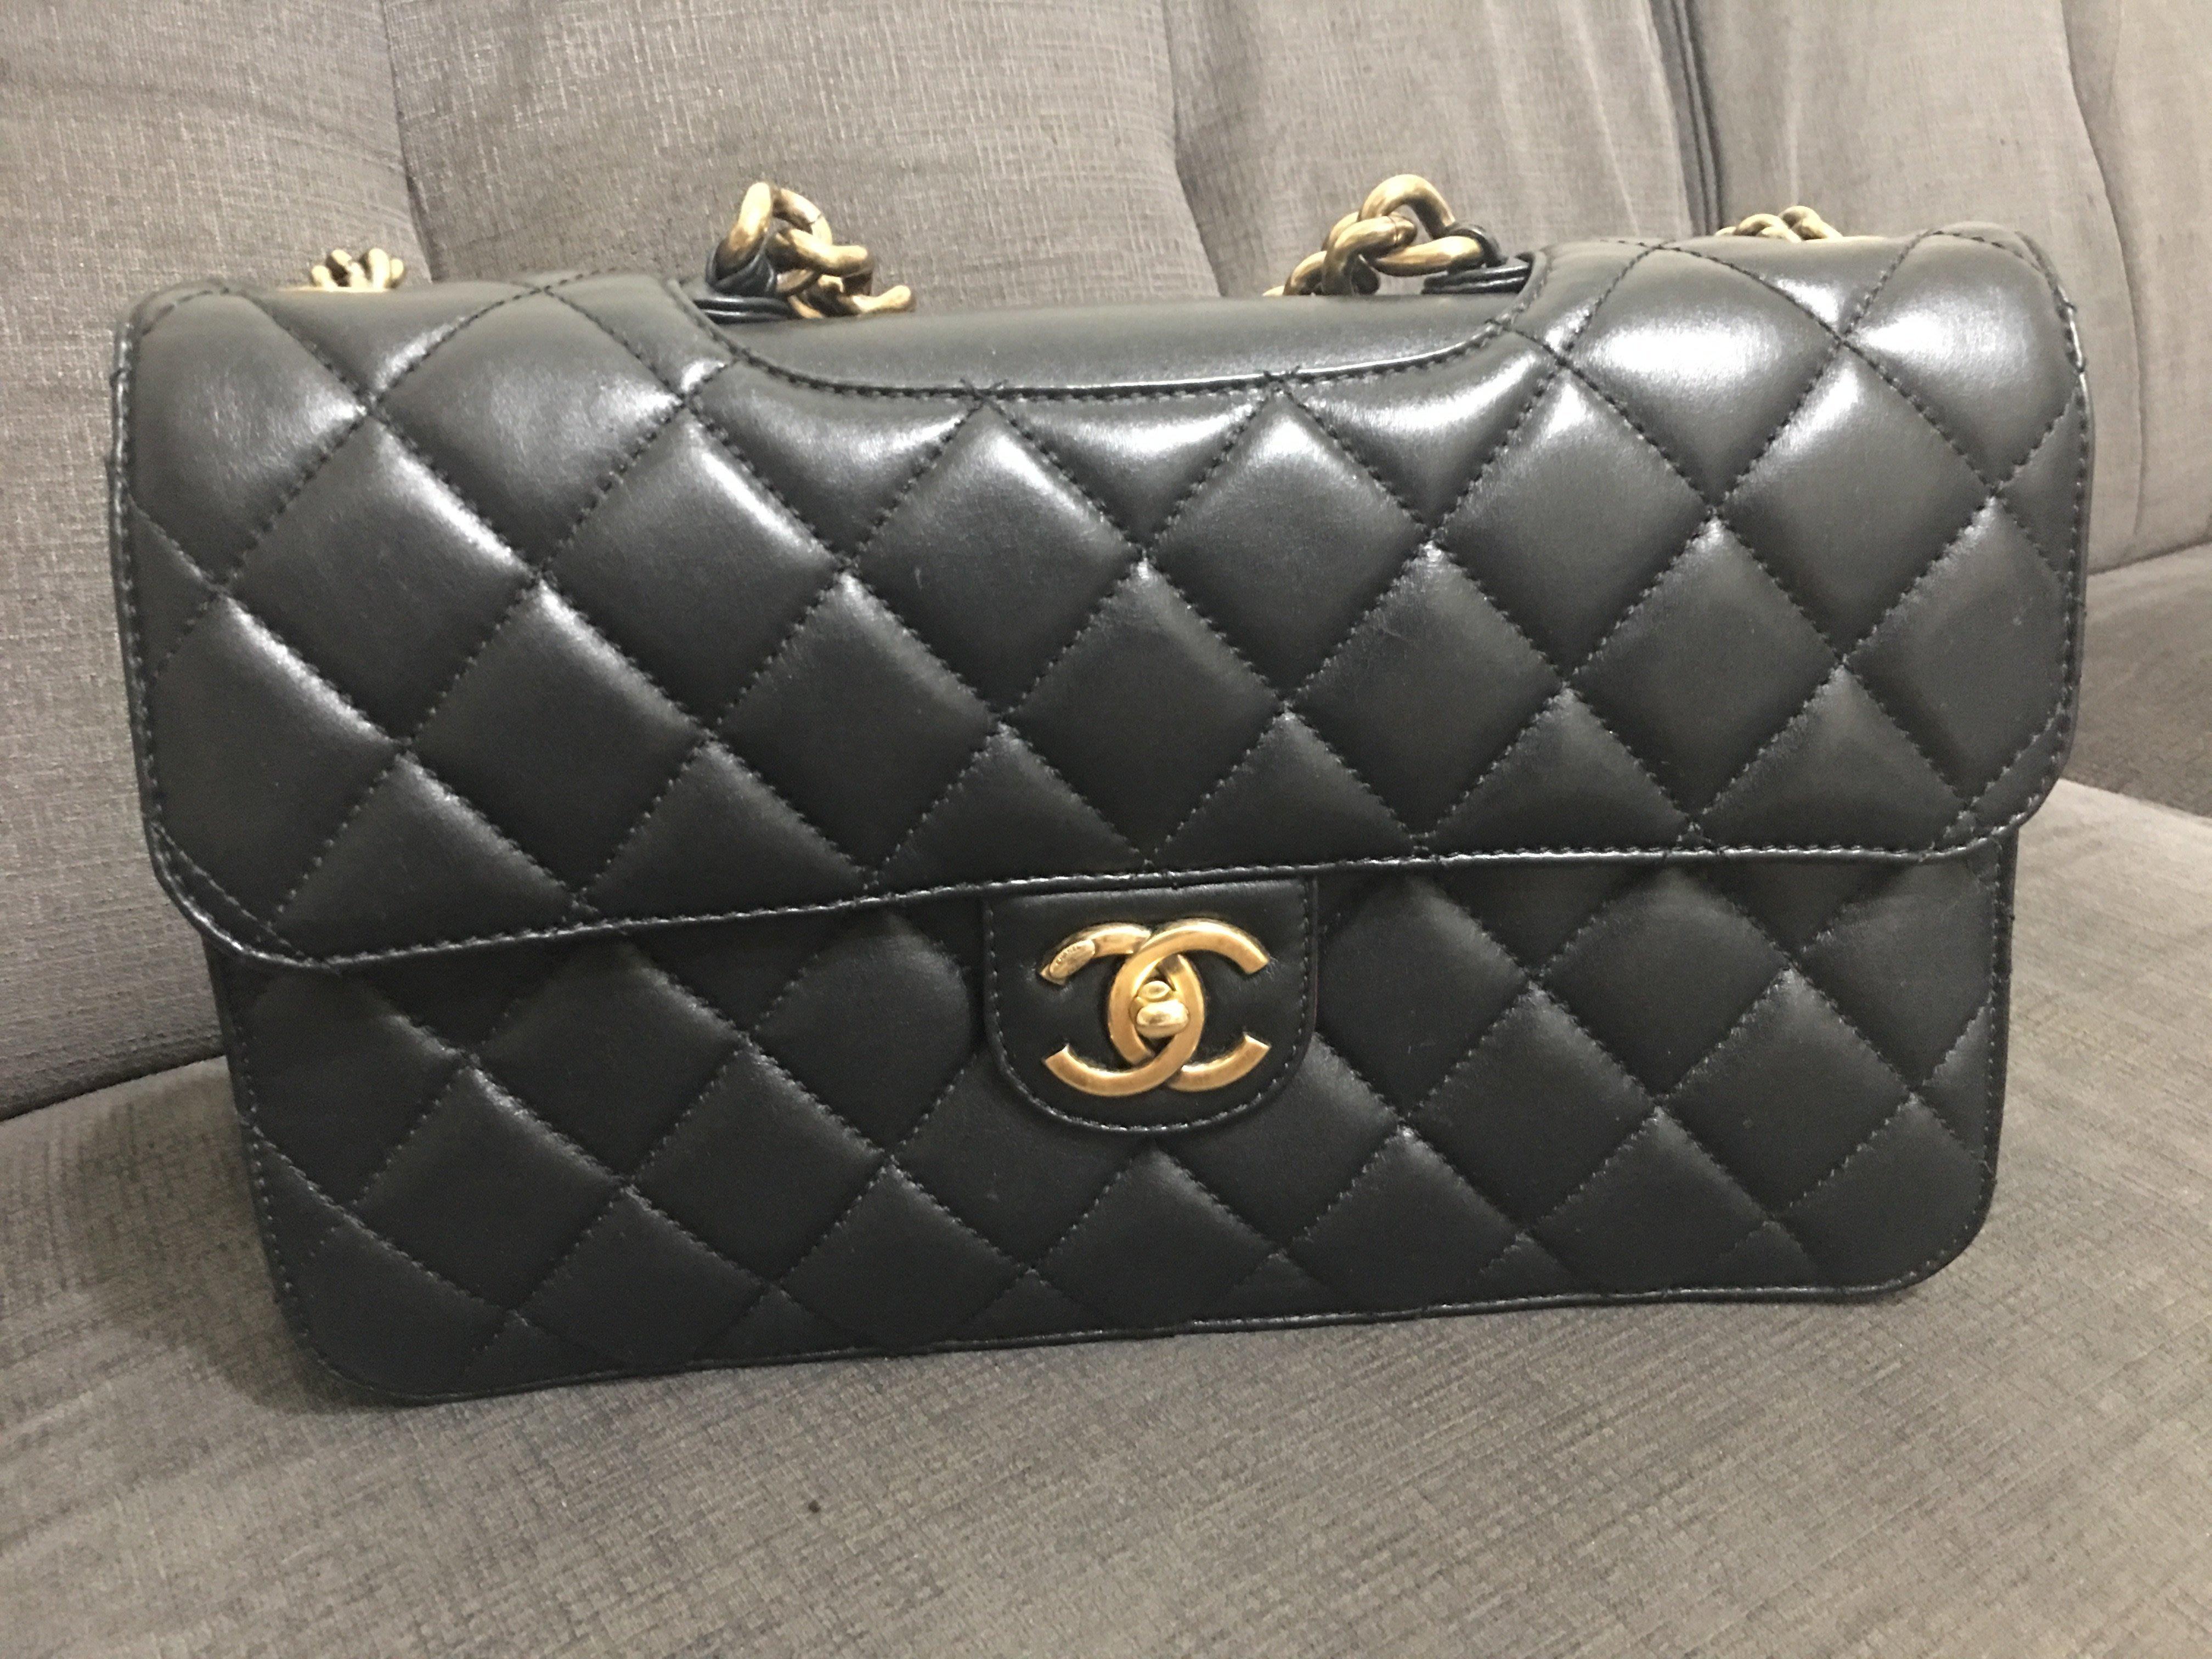 二手 Chanel 個性 孟買包 可肩背 手提 帥氣 大款